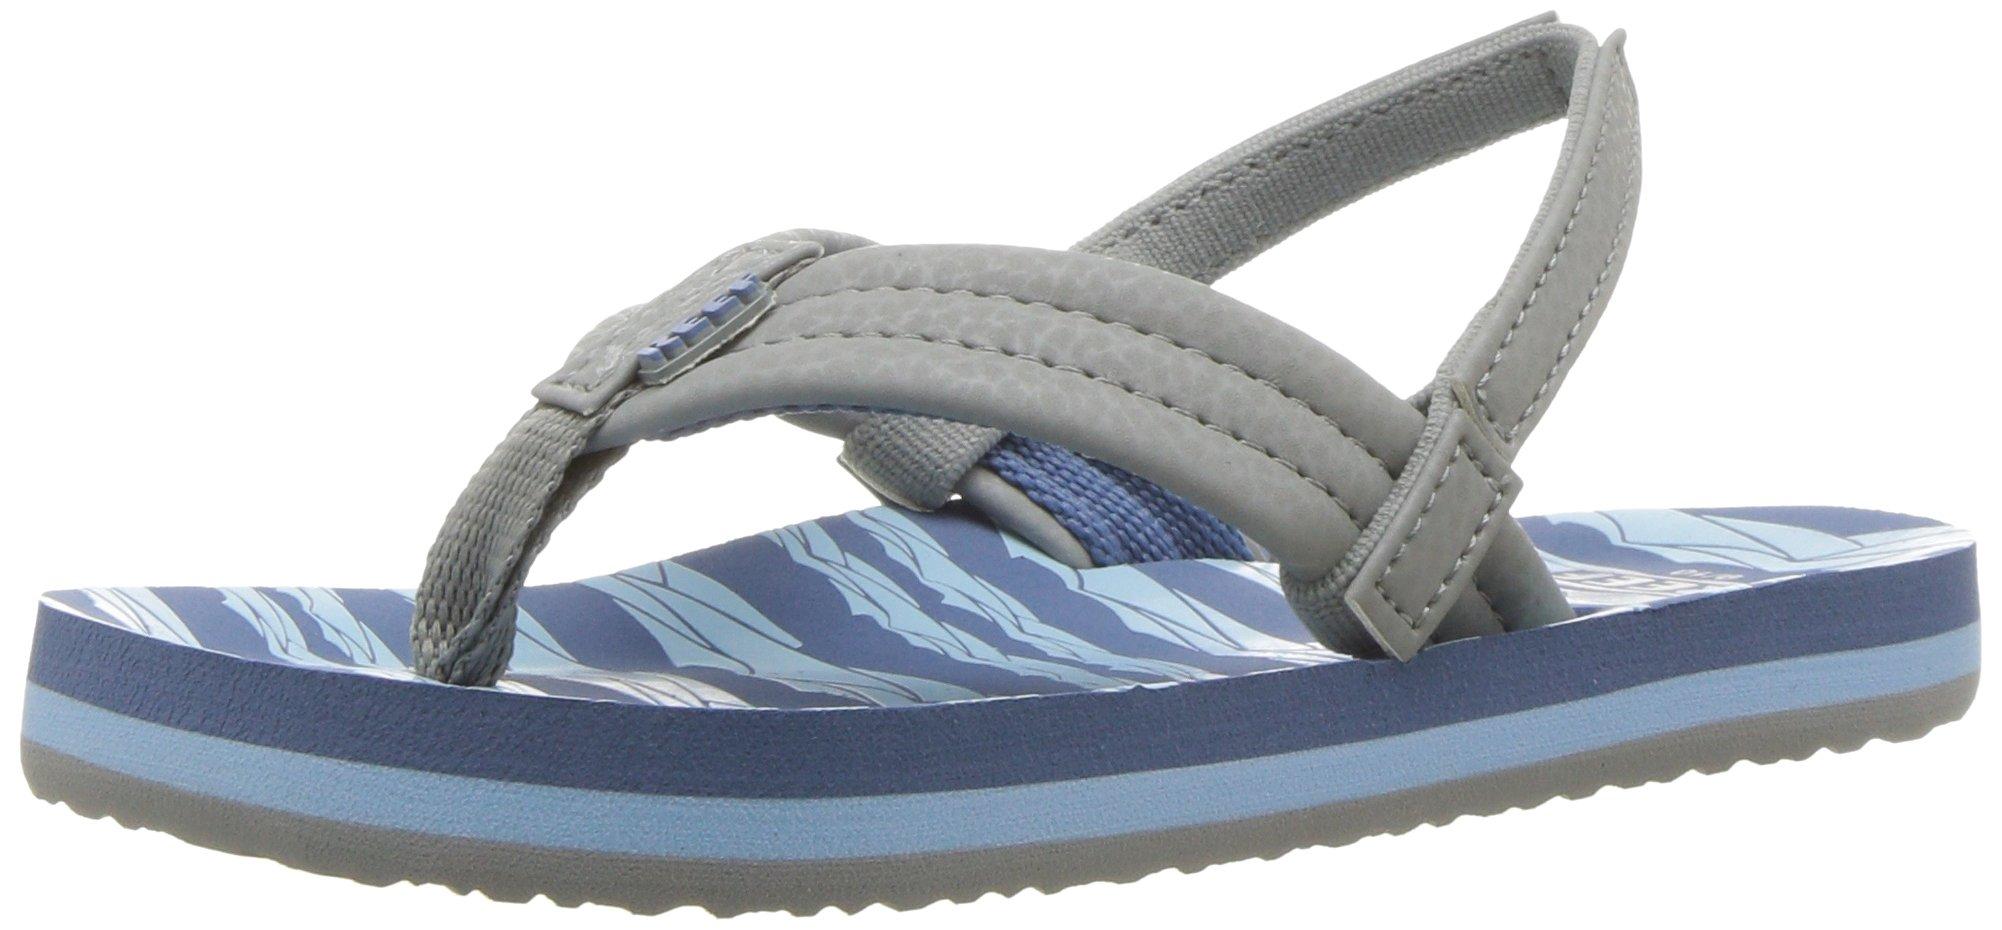 Reef Boys' Ahi Sandal, Blue/Grey Ocean, 11-12 Little Kid